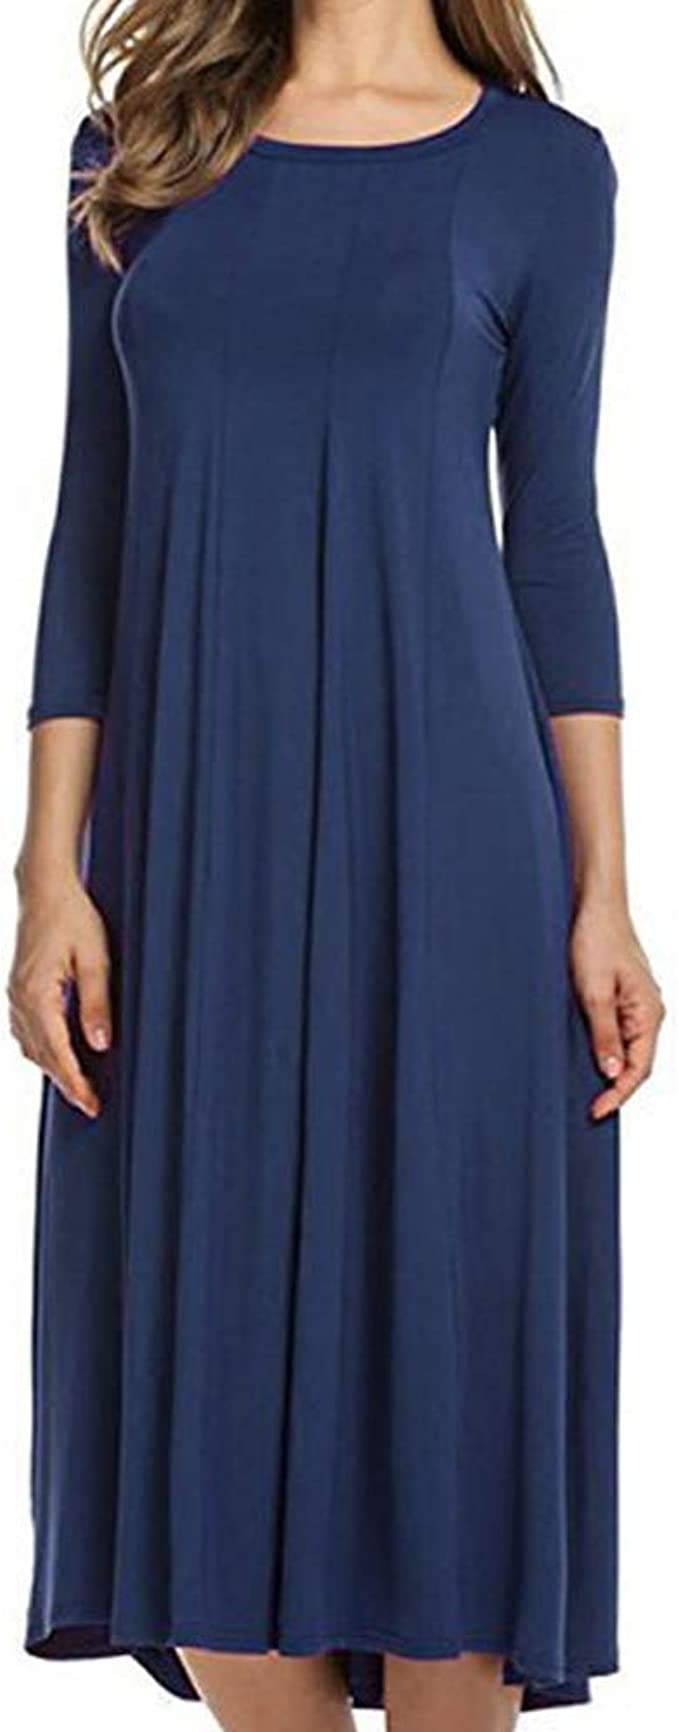 FrüHlingsneues Damen-Rundhals-Swing-Kleid Mit MitteläRmeln